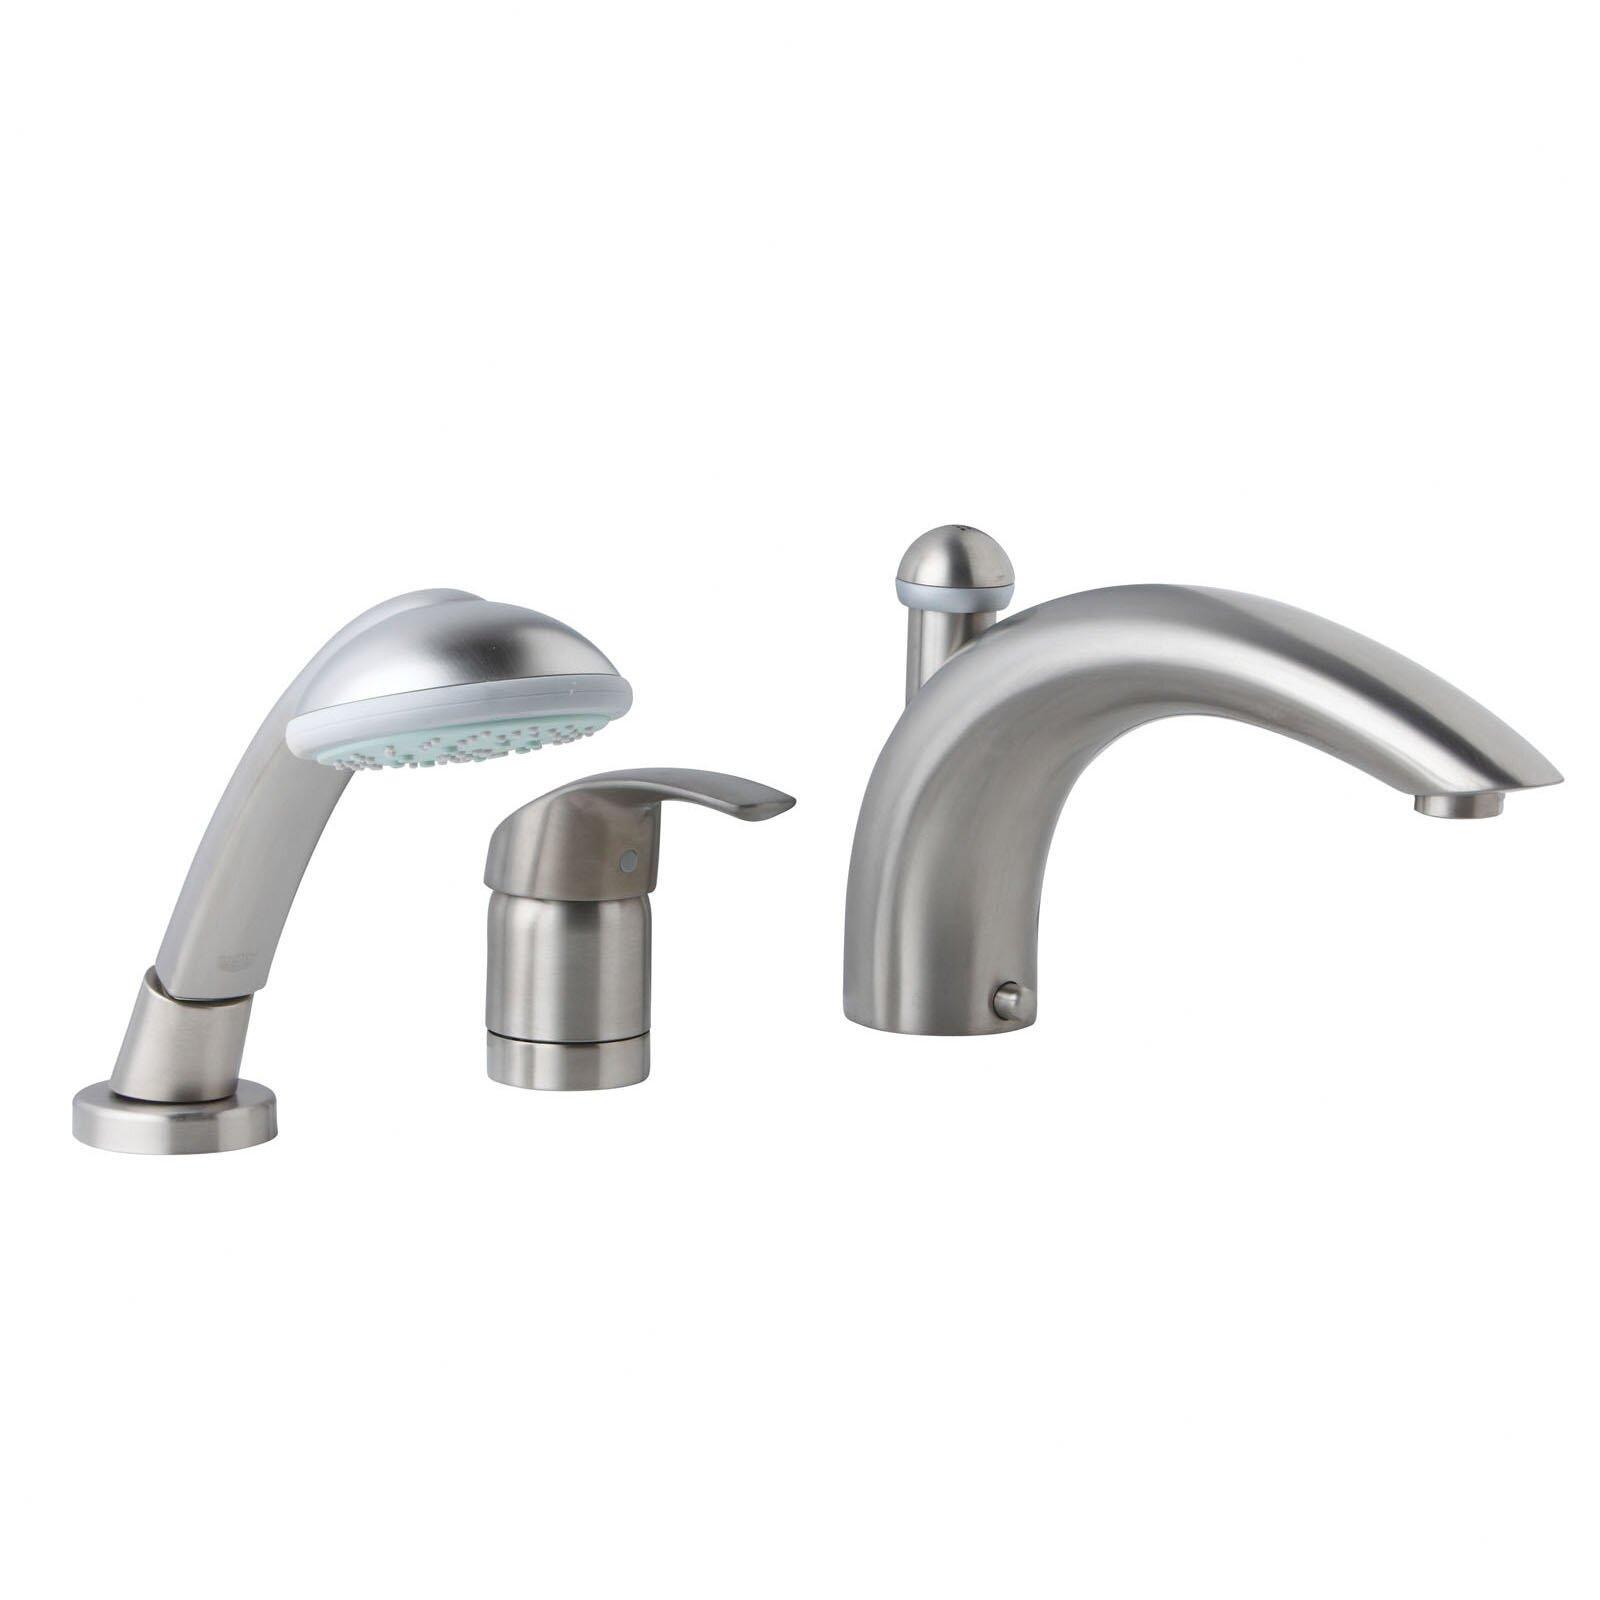 Grohe Eurosmart Single Handle Deck mounted Roman Tub Faucet with ... - Grohe Eurosmart Single Handle Deck mounted Roman Tub Faucet with Hand Shower